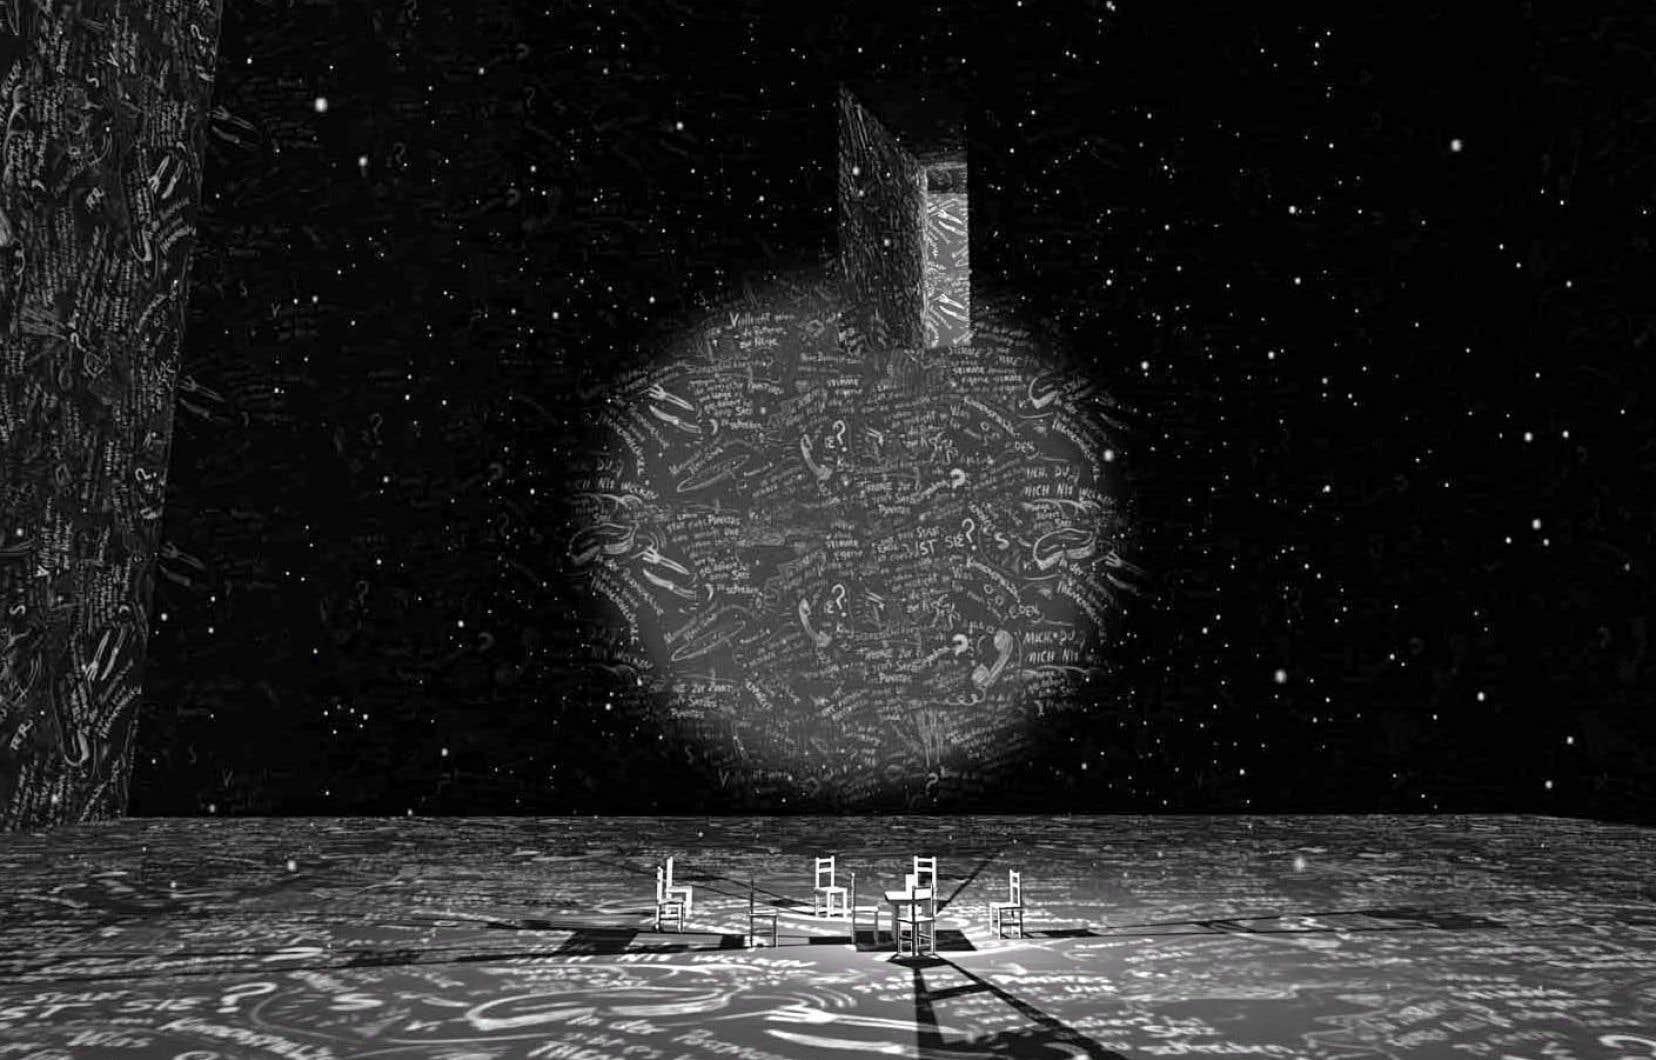 «Chalkroom» est une œuvre de réalité virtuelle créée par Laurie Anderson, artiste multimédia, et Hsin-Chien Huang, artiste spécialiste des techniques mixtes.